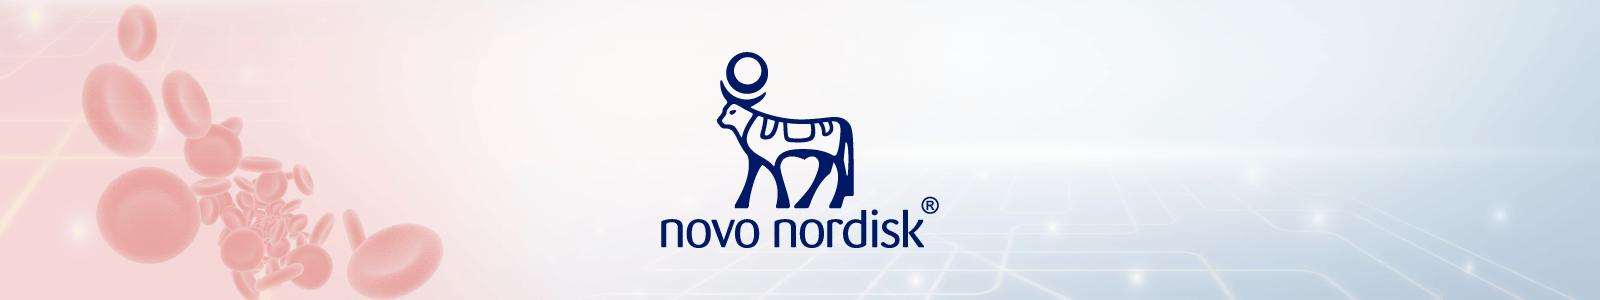 DC-banner-patrocinadores-Novo-Nordisk1